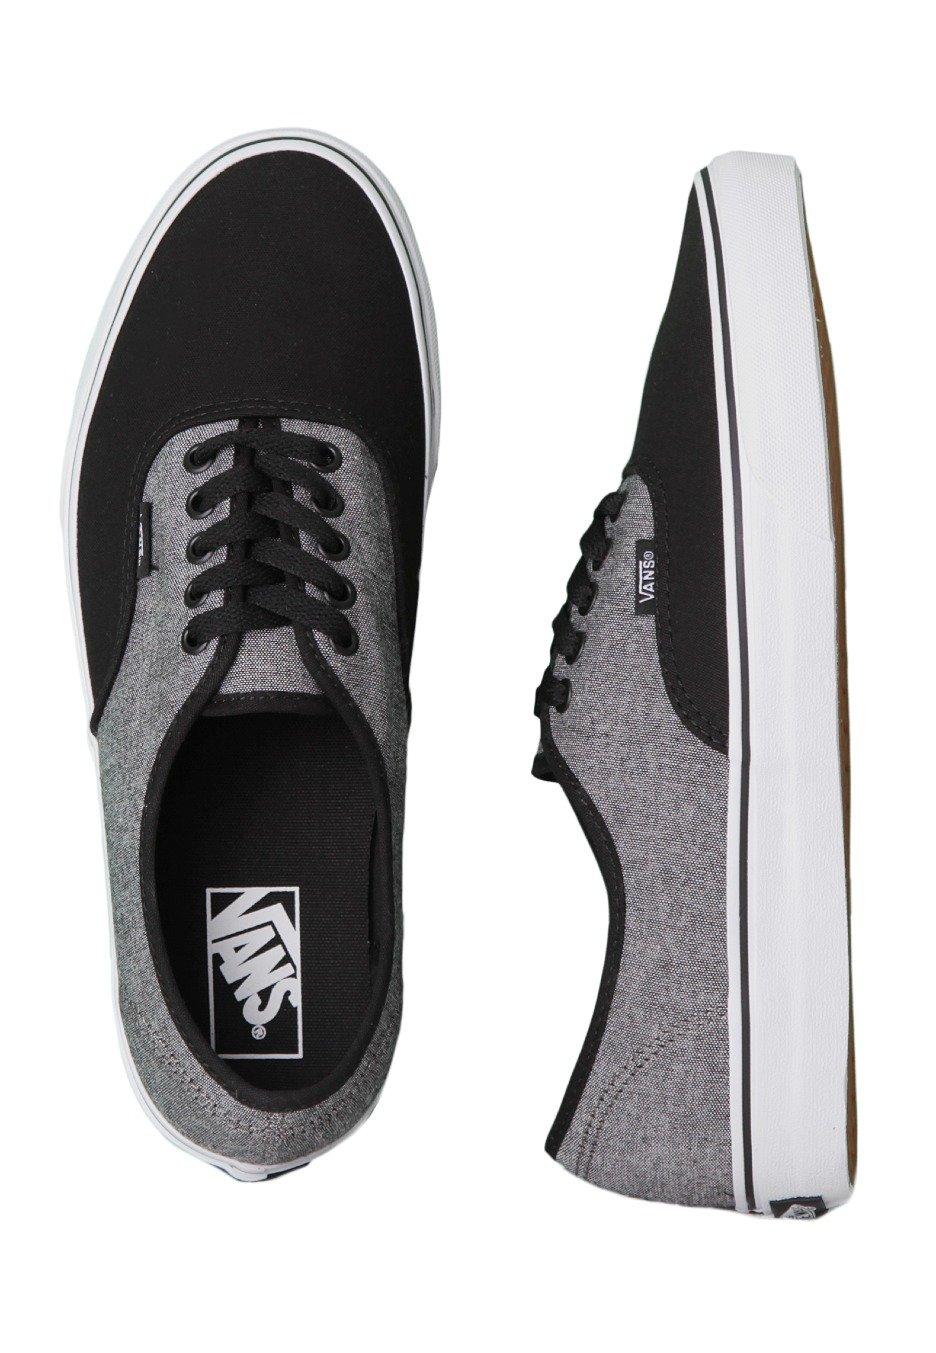 65bb9470d3 Vans - Authentic C C Black Pewter - Shoes - Impericon.com Worldwide